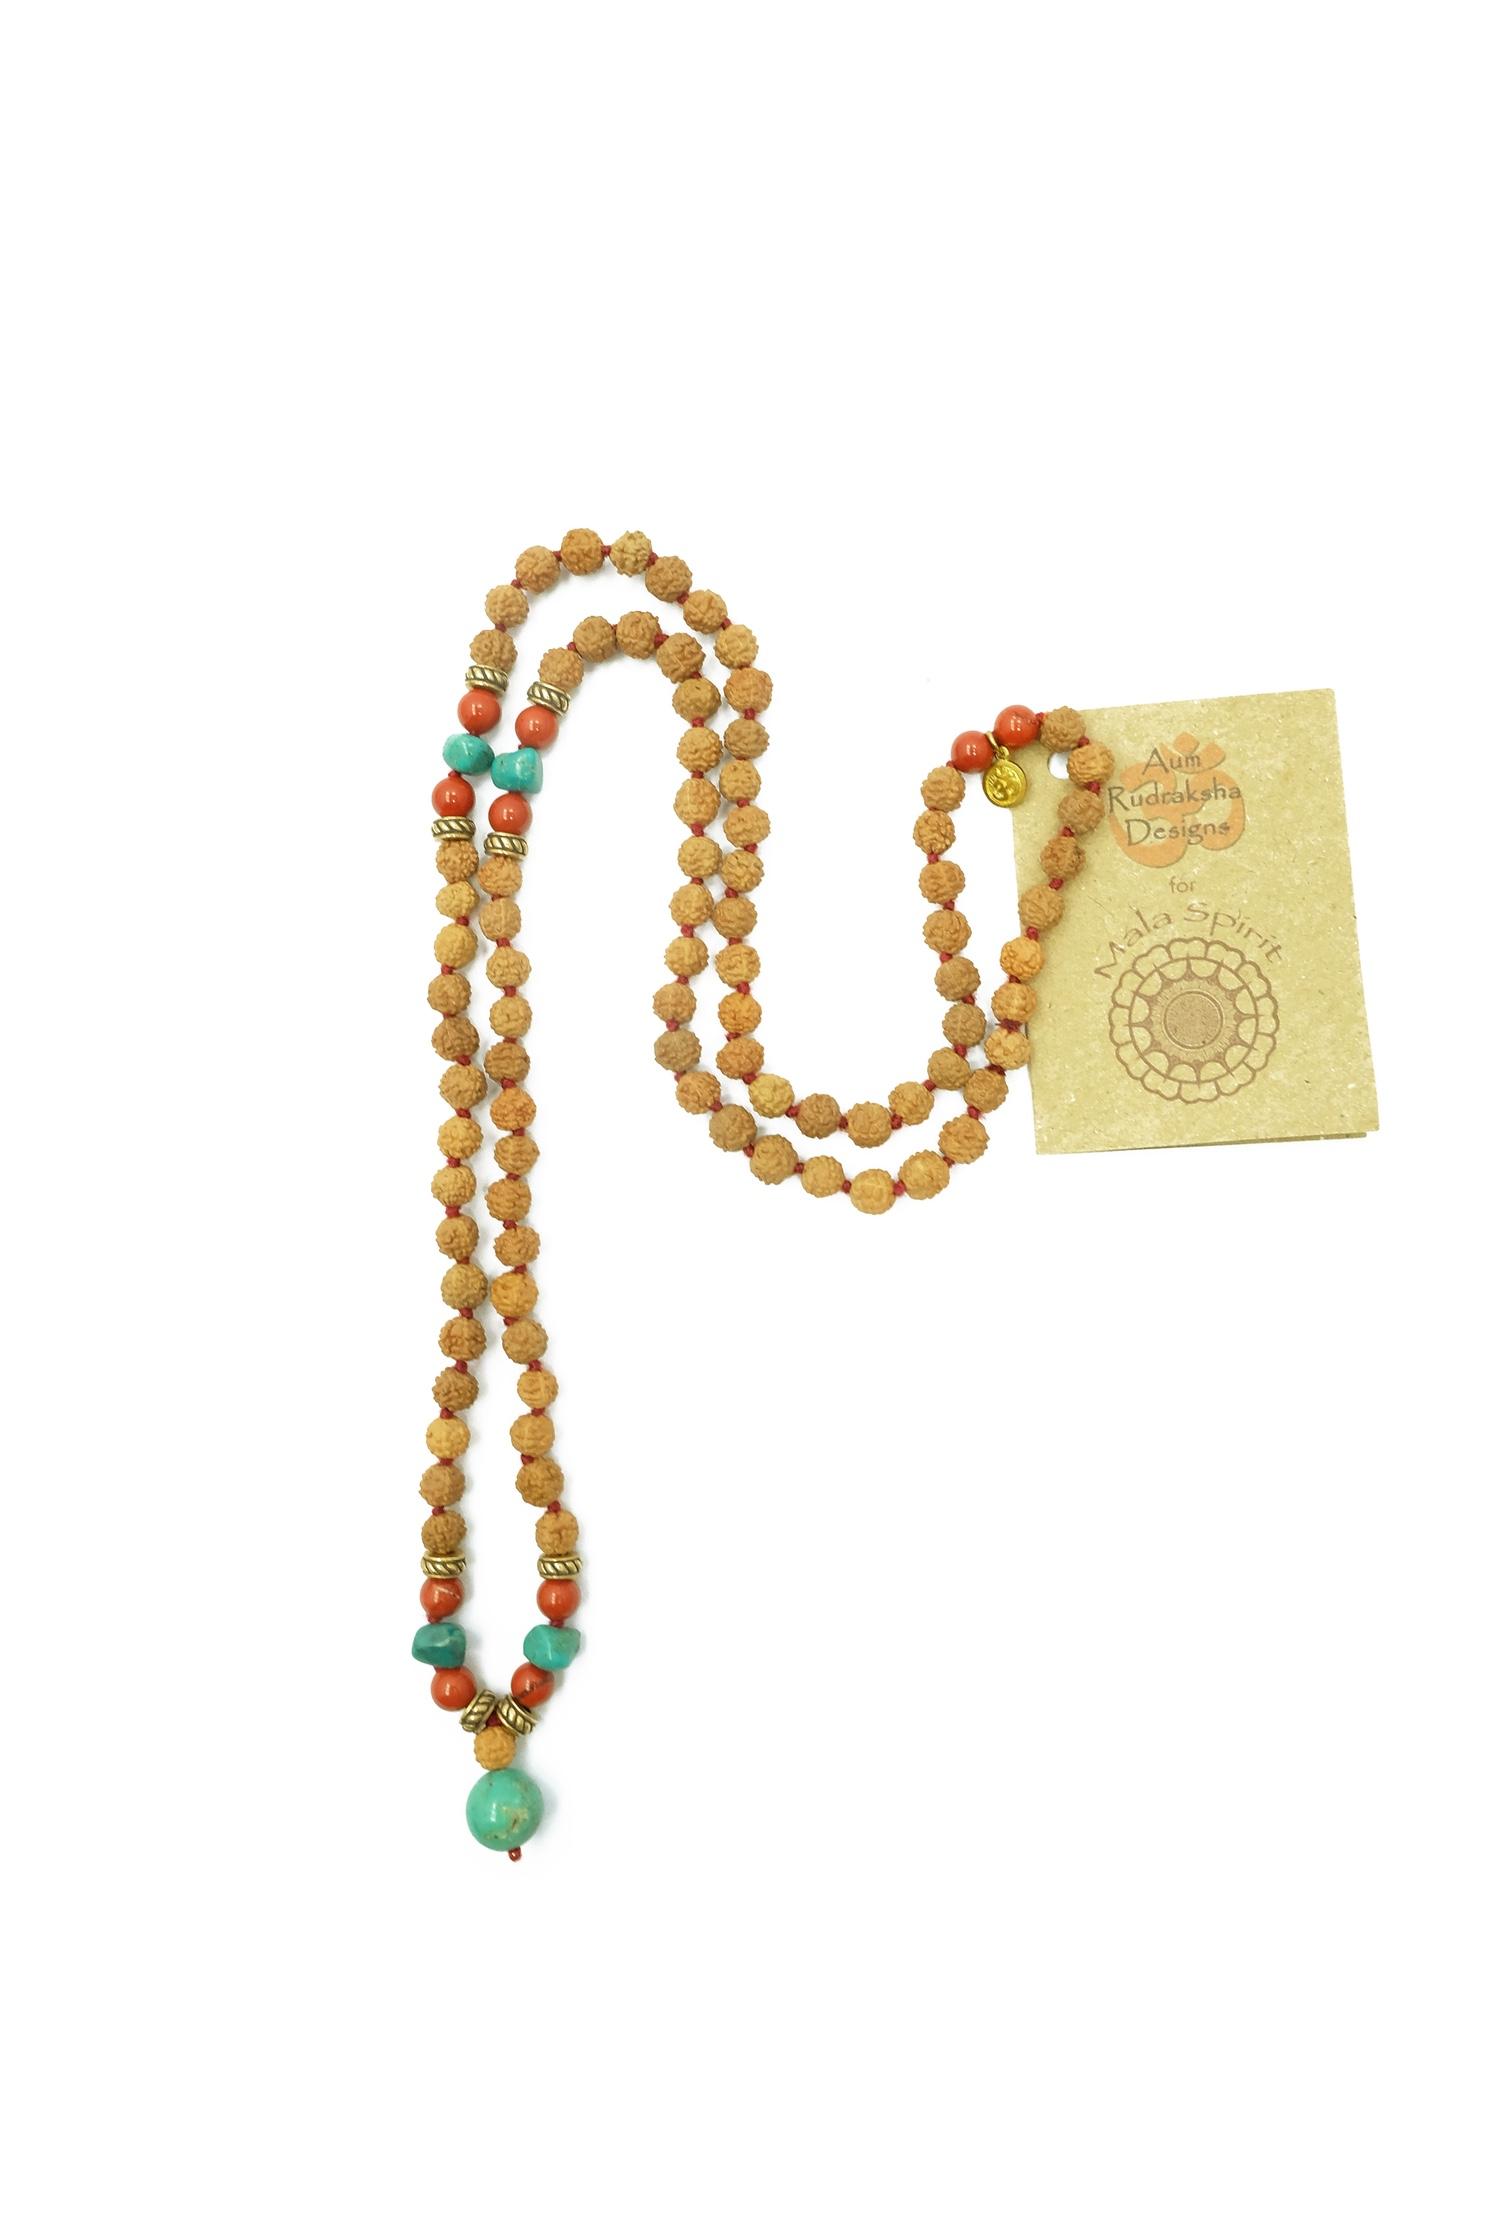 Turquoise-mala-necklace